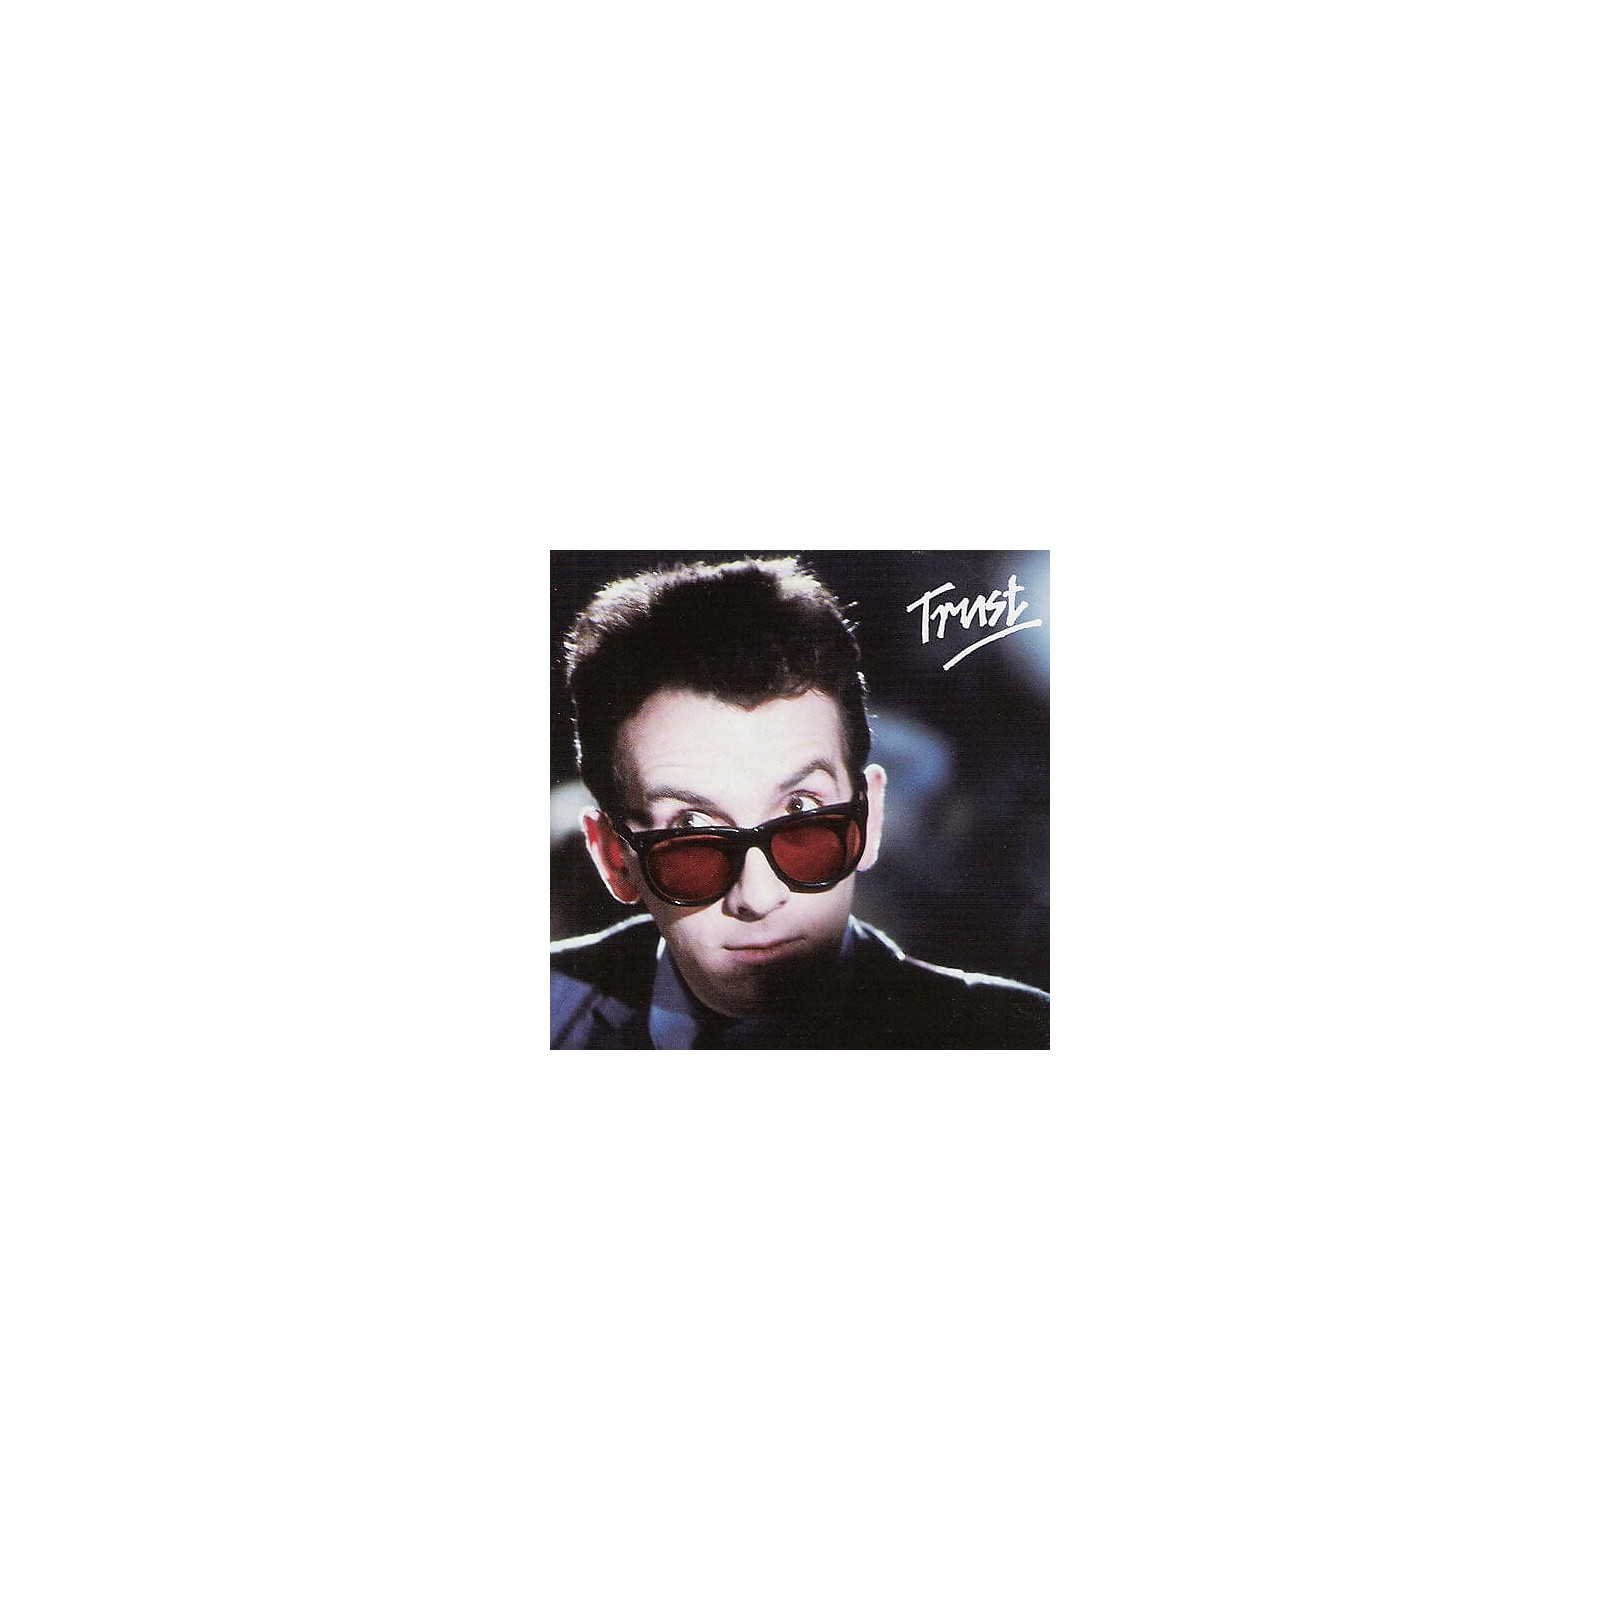 Alliance Elvis Costello - Trust